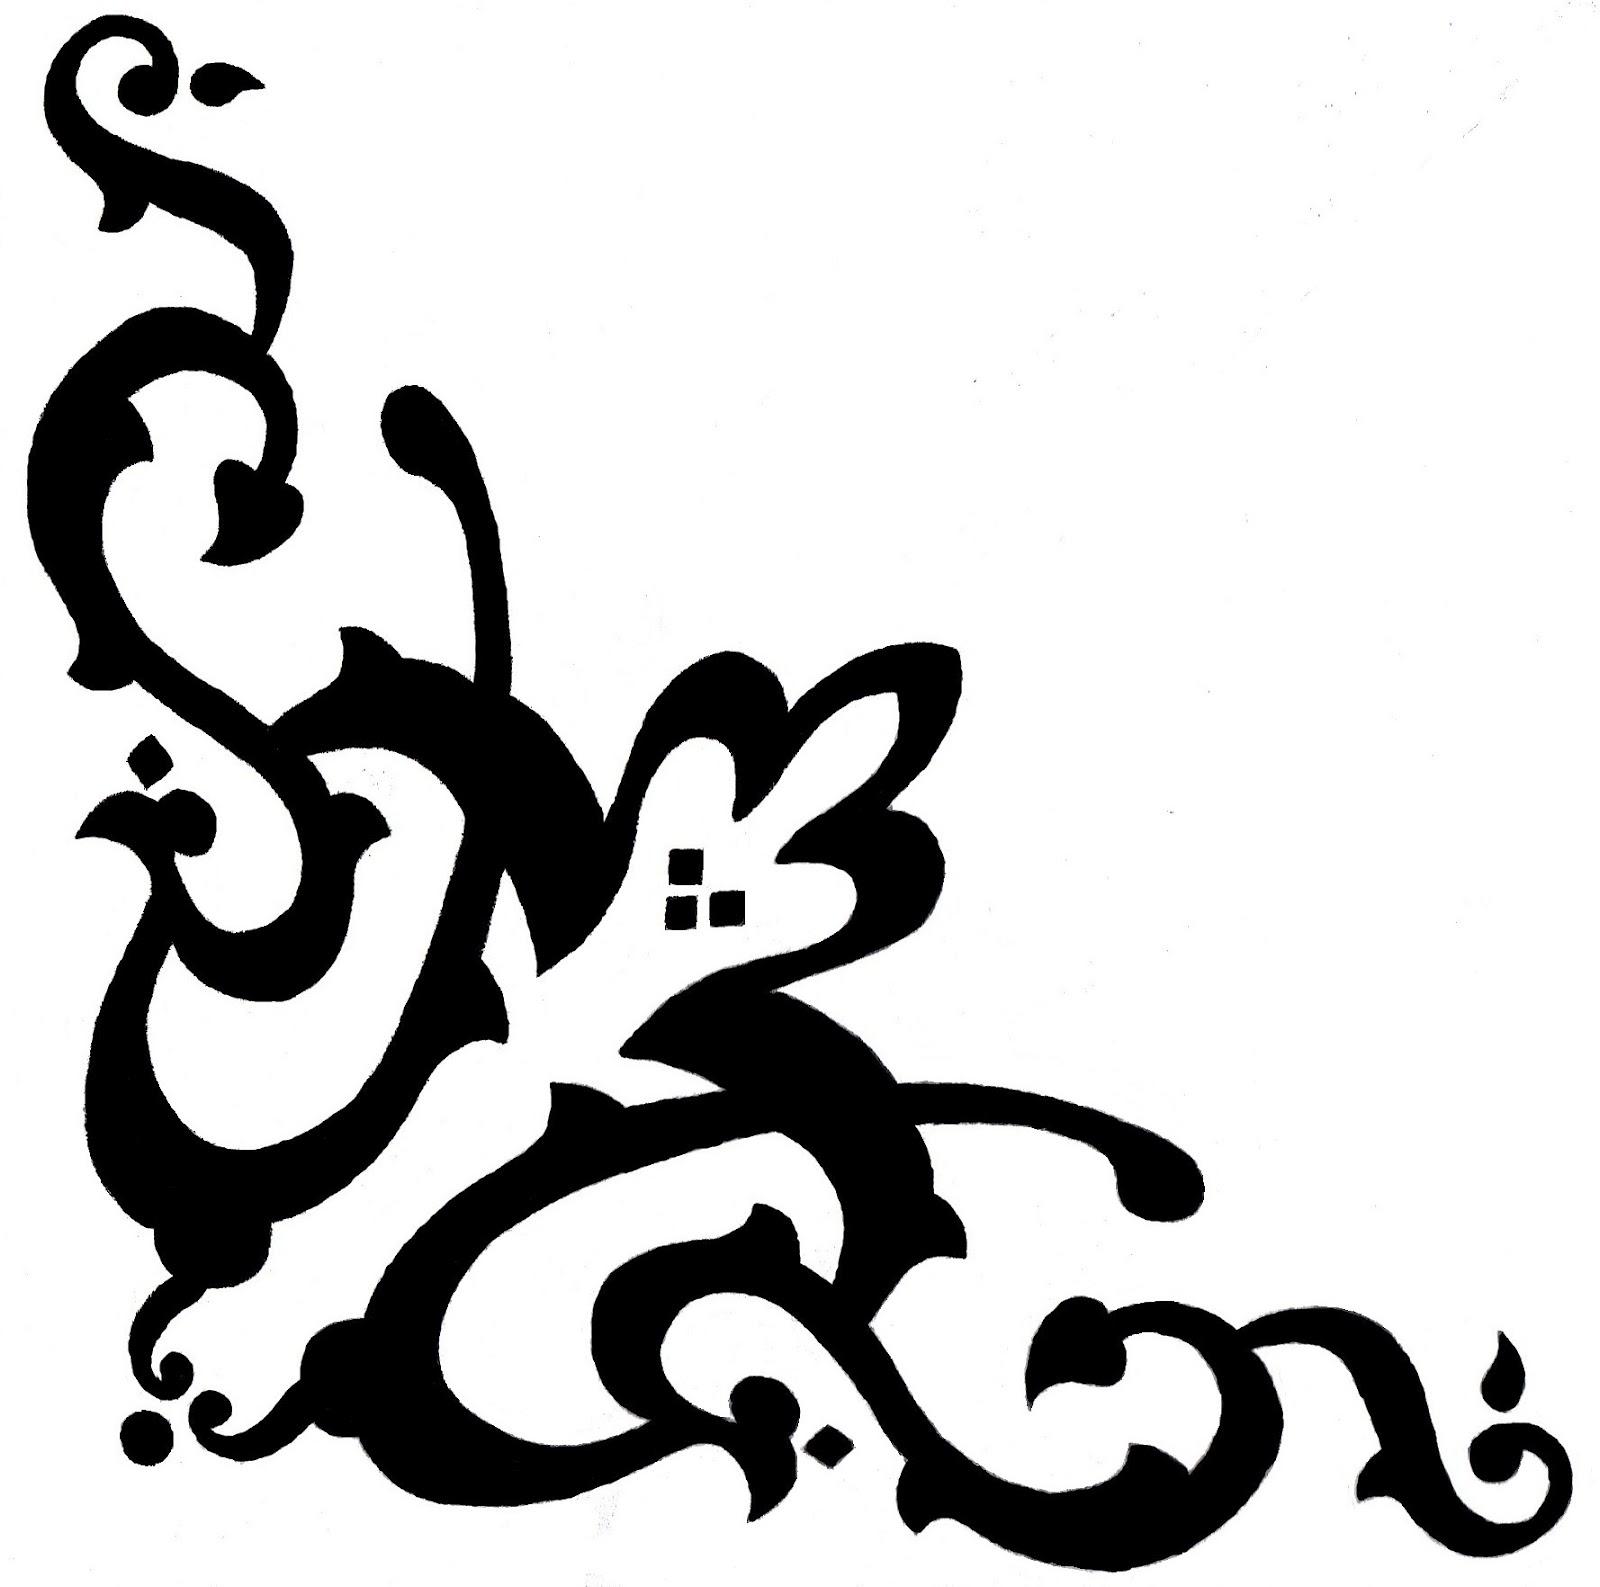 Contoh Ornamen bentuk menyudut simetris (motif tumbuhan)